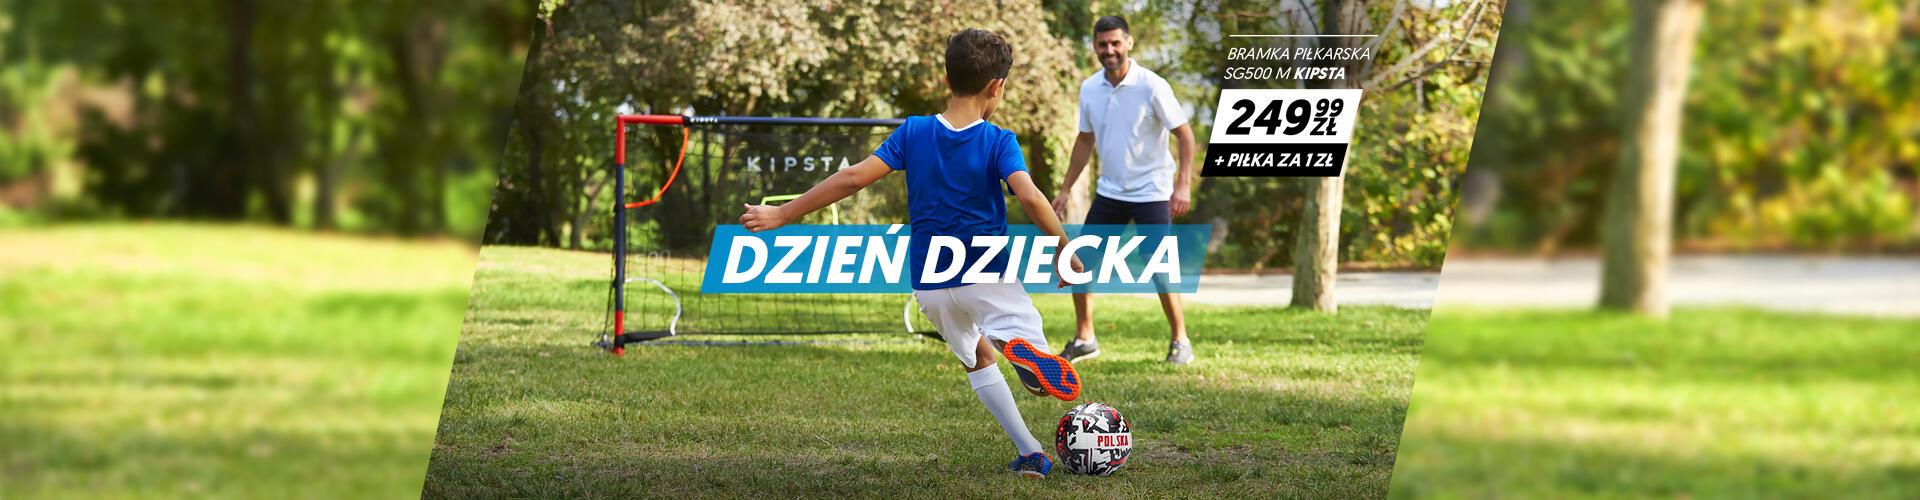 Dzień dziecka - zestaw do piłki nożnej bramka i piłka